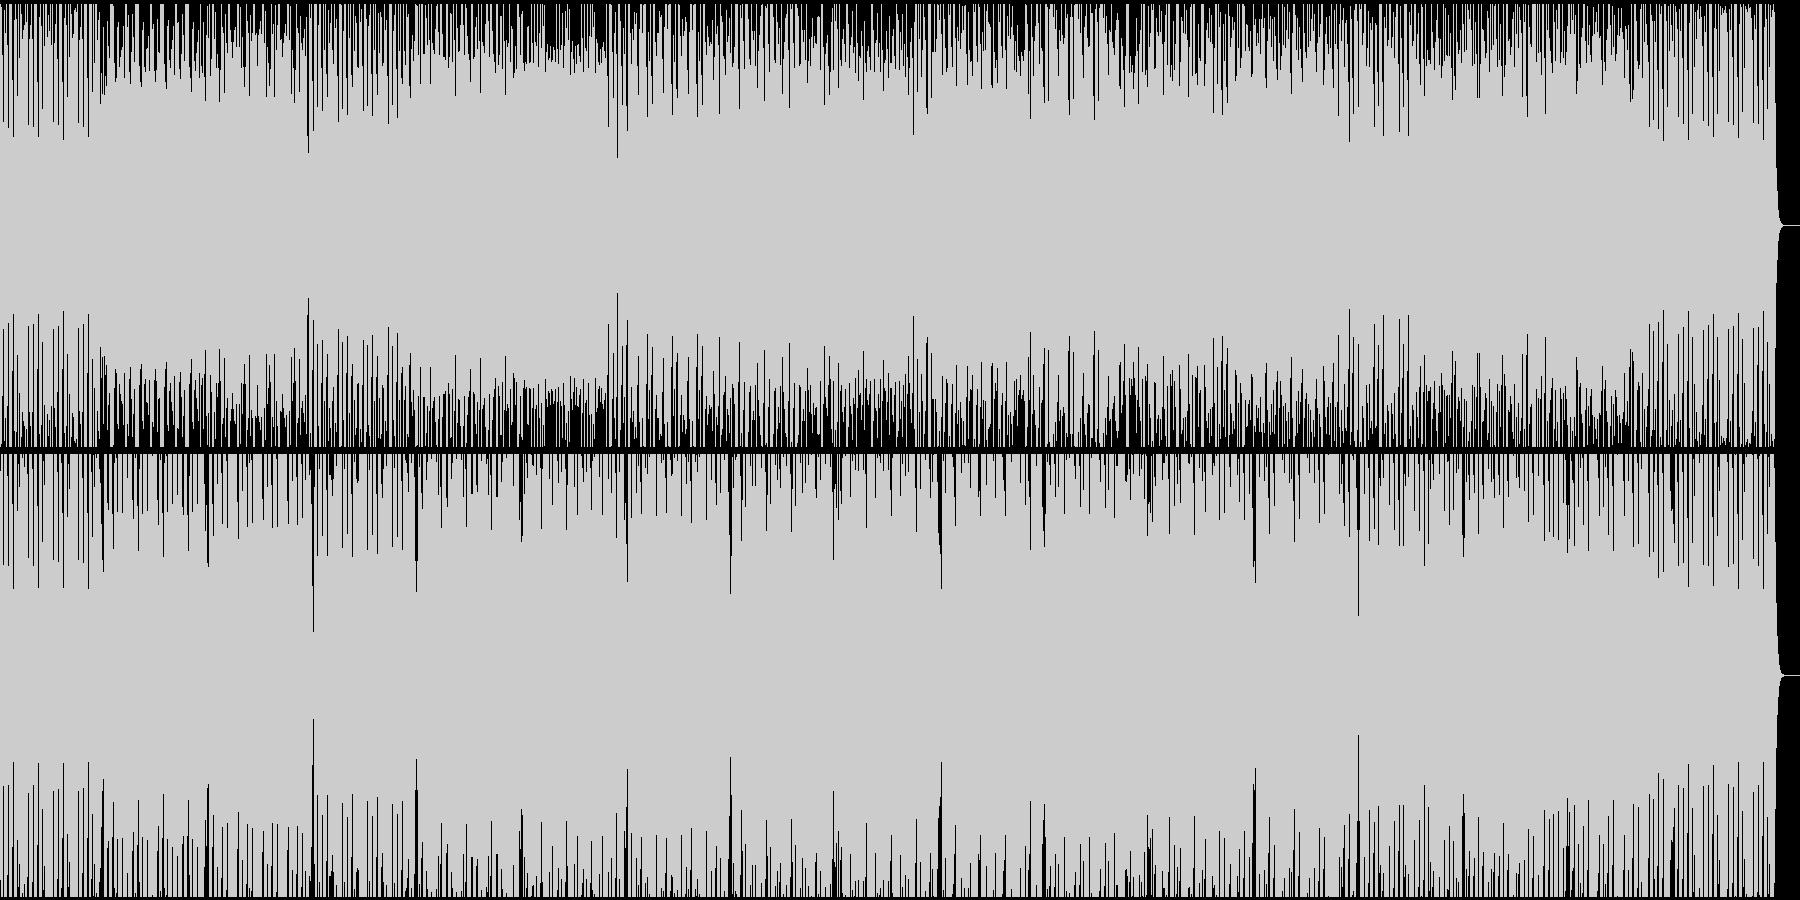 シロフォンの軽快なミニマルミュージックの未再生の波形